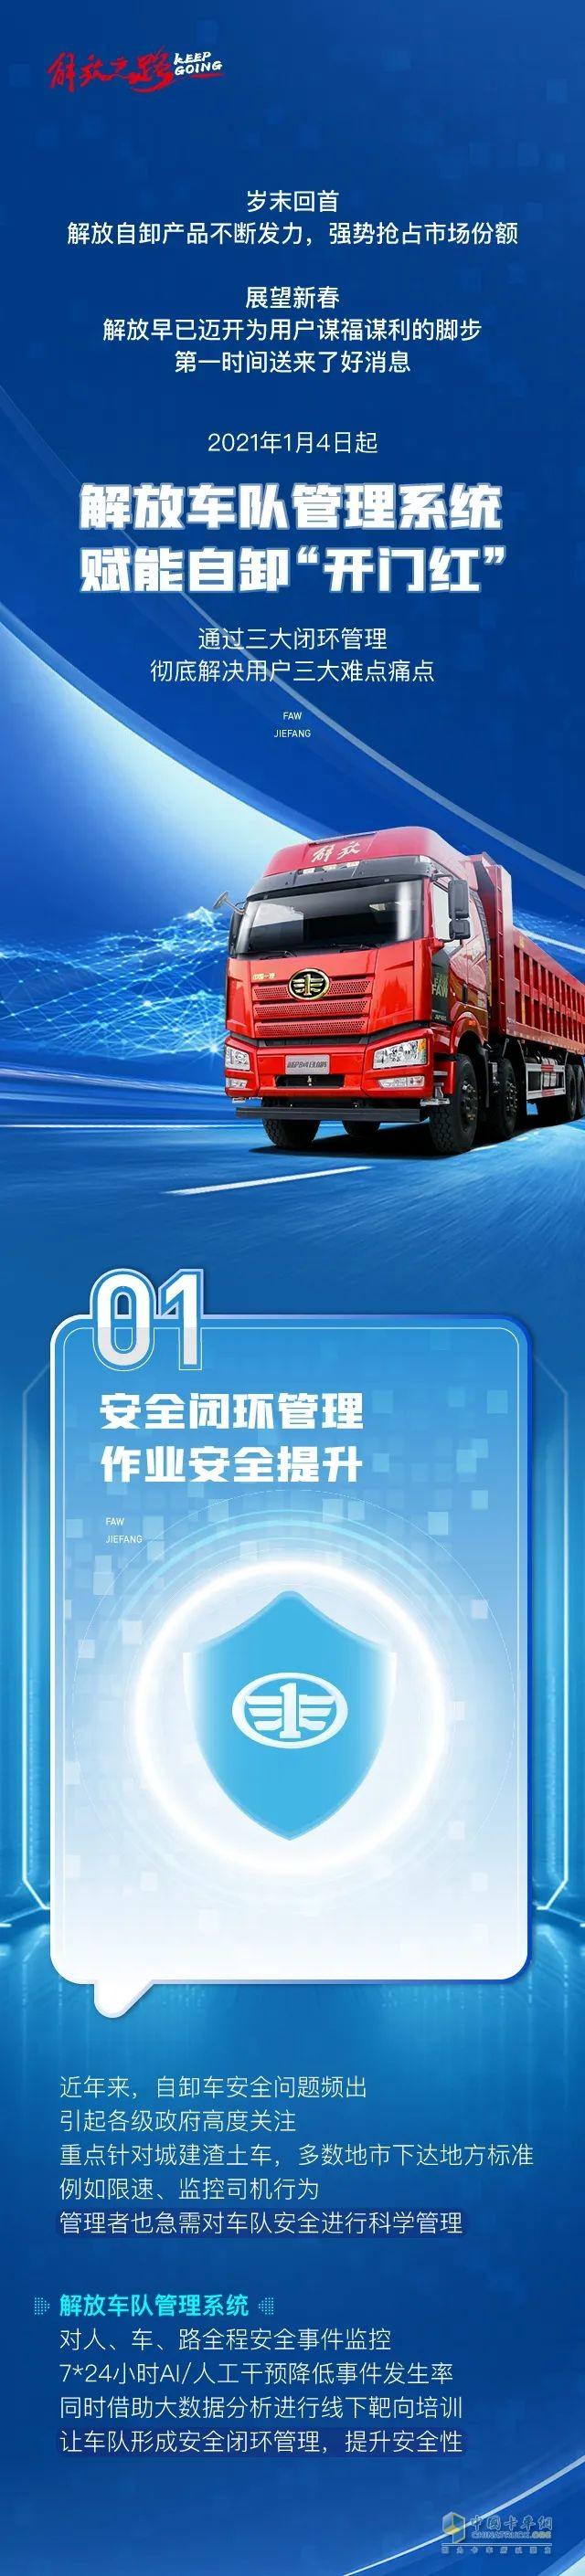 解放车队管理系统,自卸车也用上了!